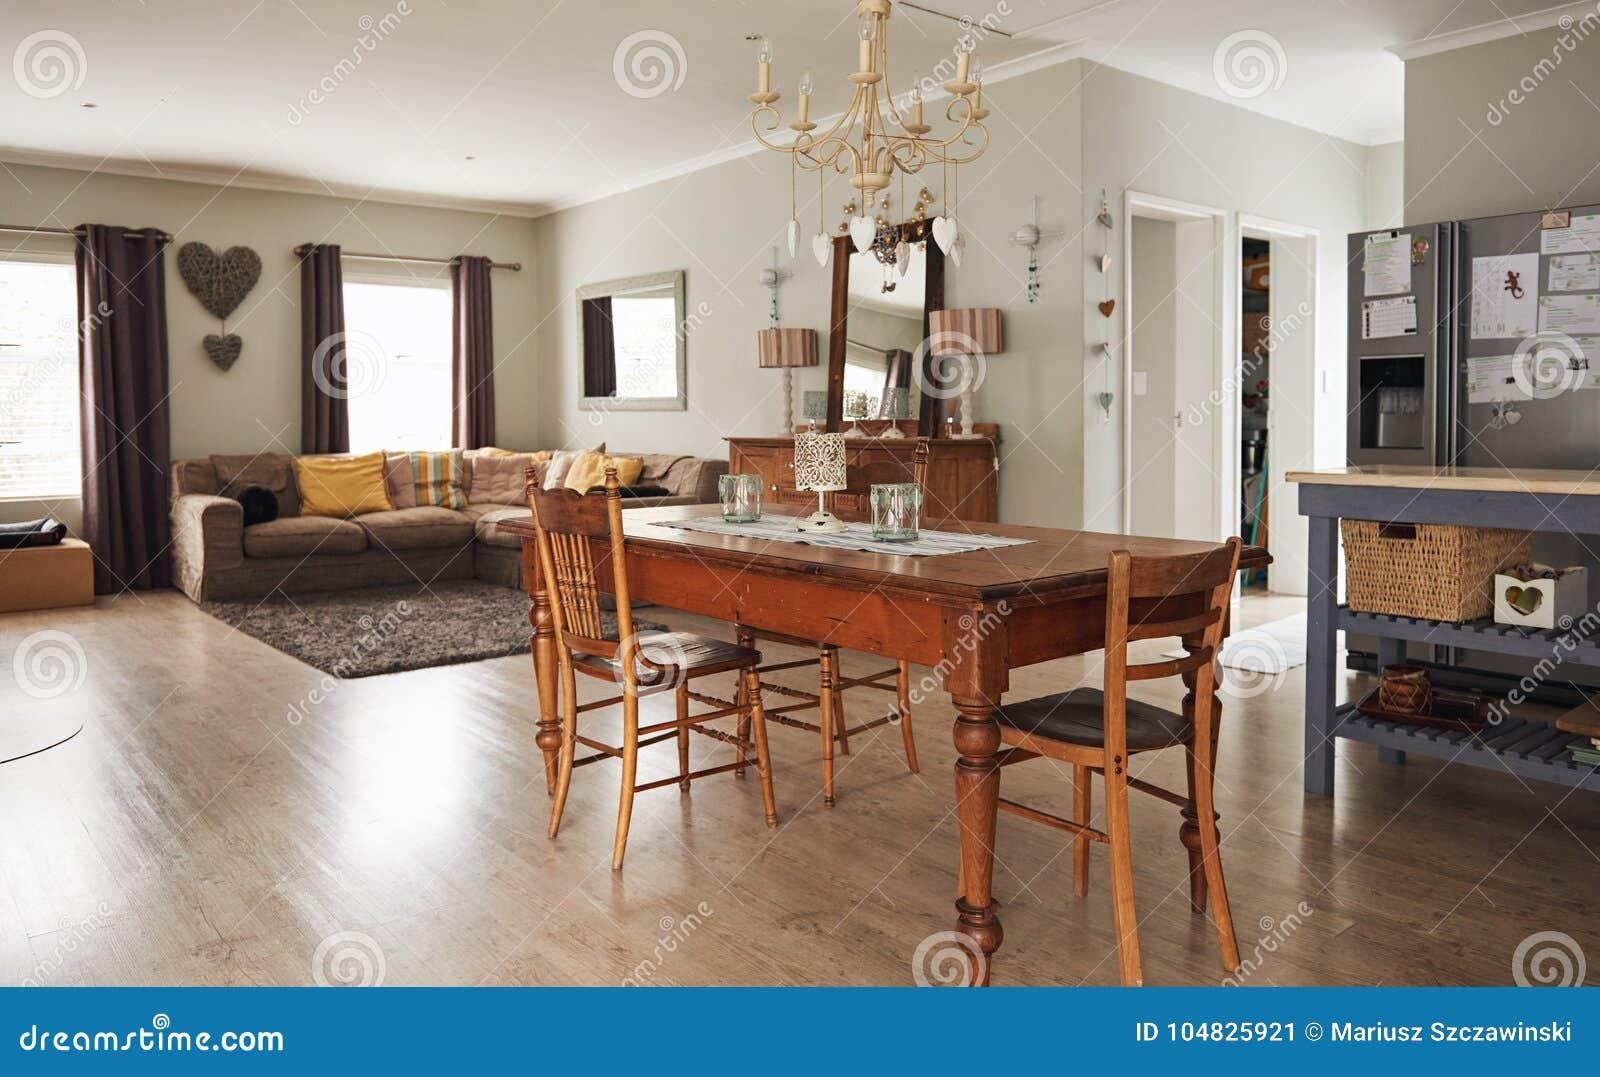 Eettafel In Woonkamer : Binnenland van de eettafel en de woonkamer van een huis stock